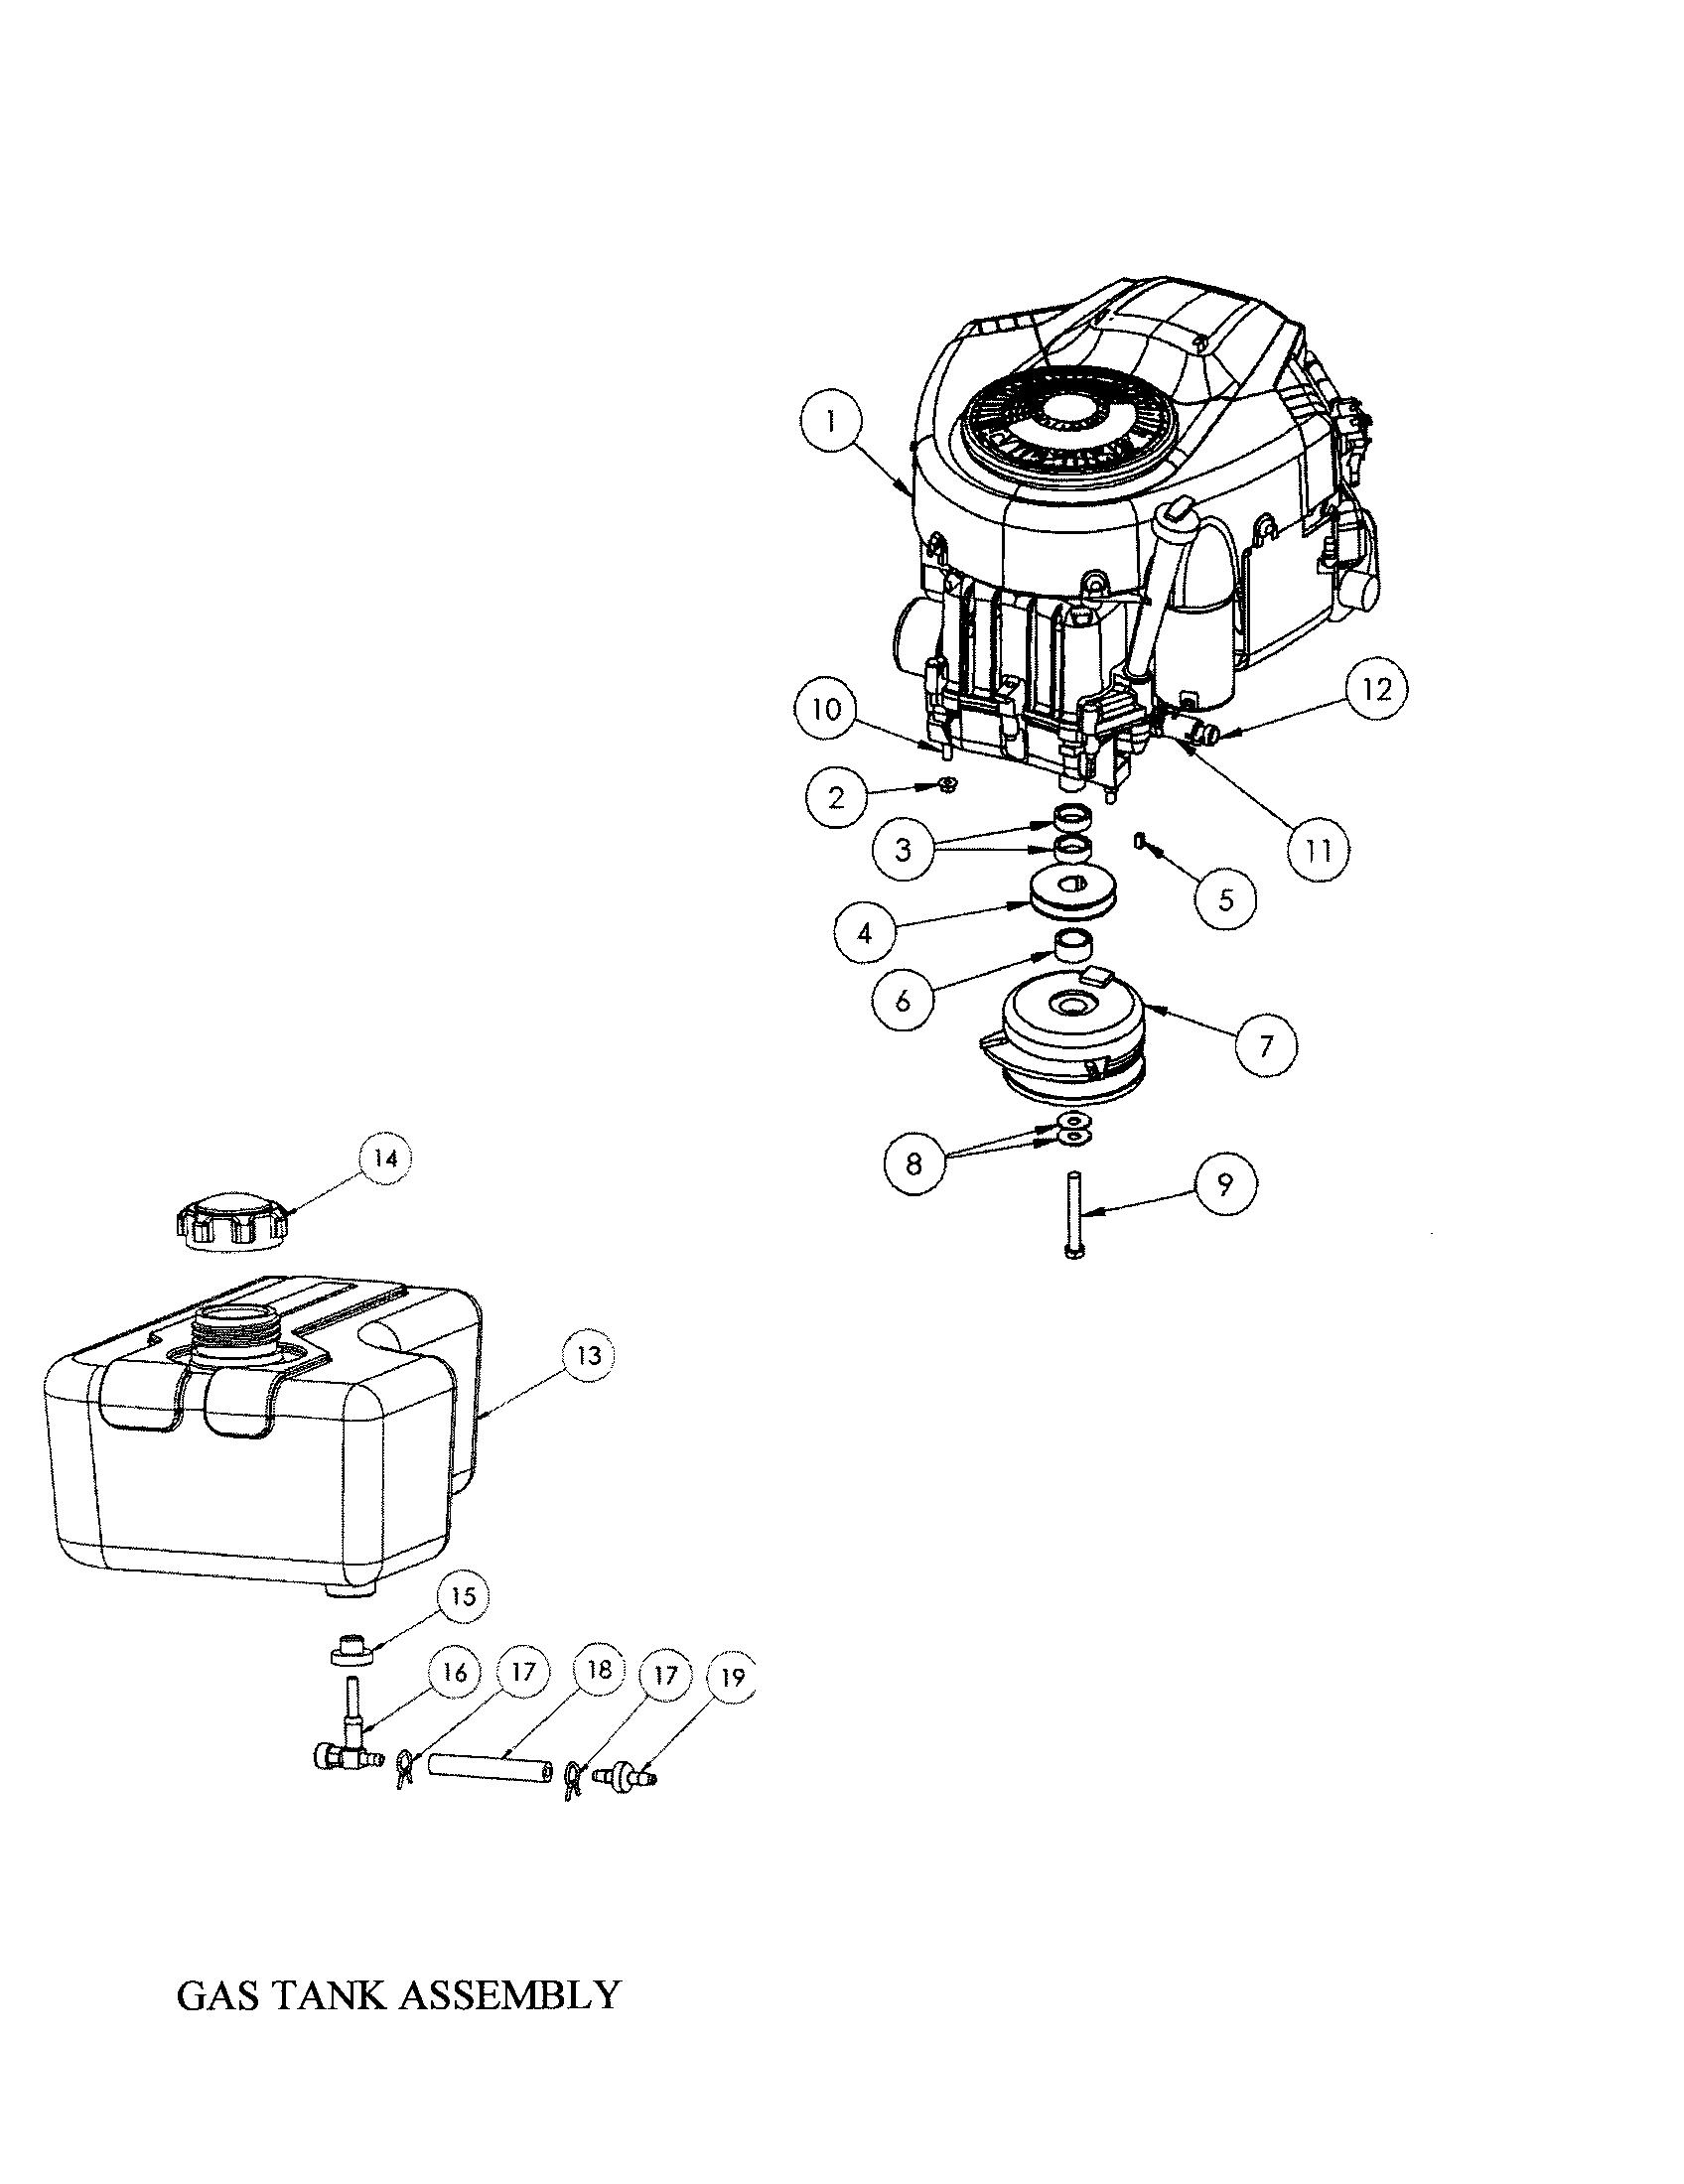 Swisher model ZT2760 lawn, riding mower rear engine